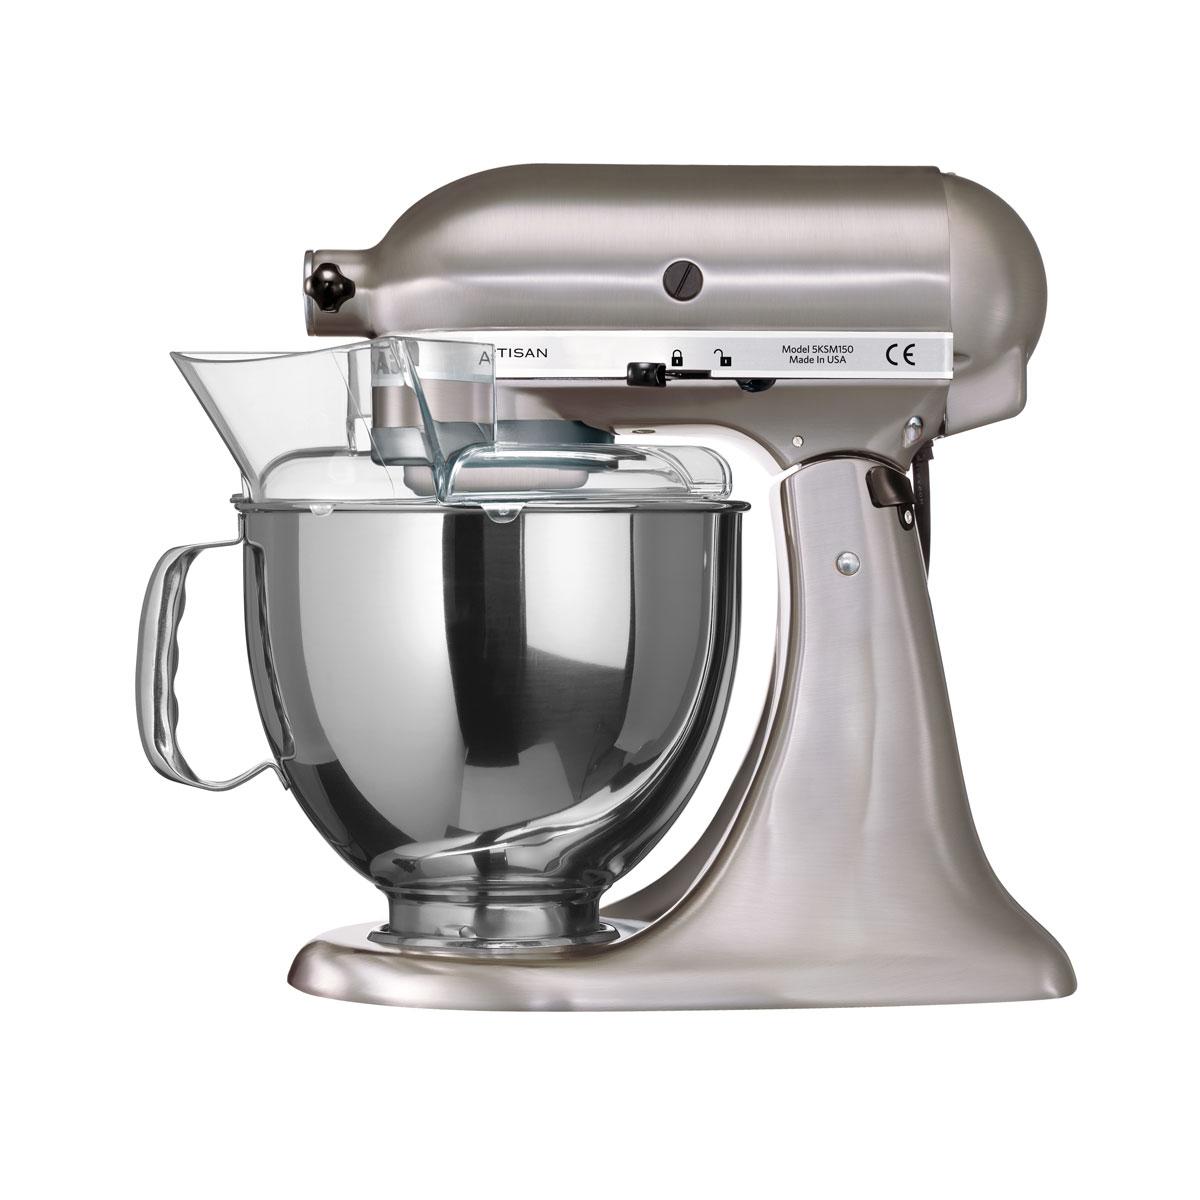 kitchenaid artisan küchenmaschine gebürstetes metall